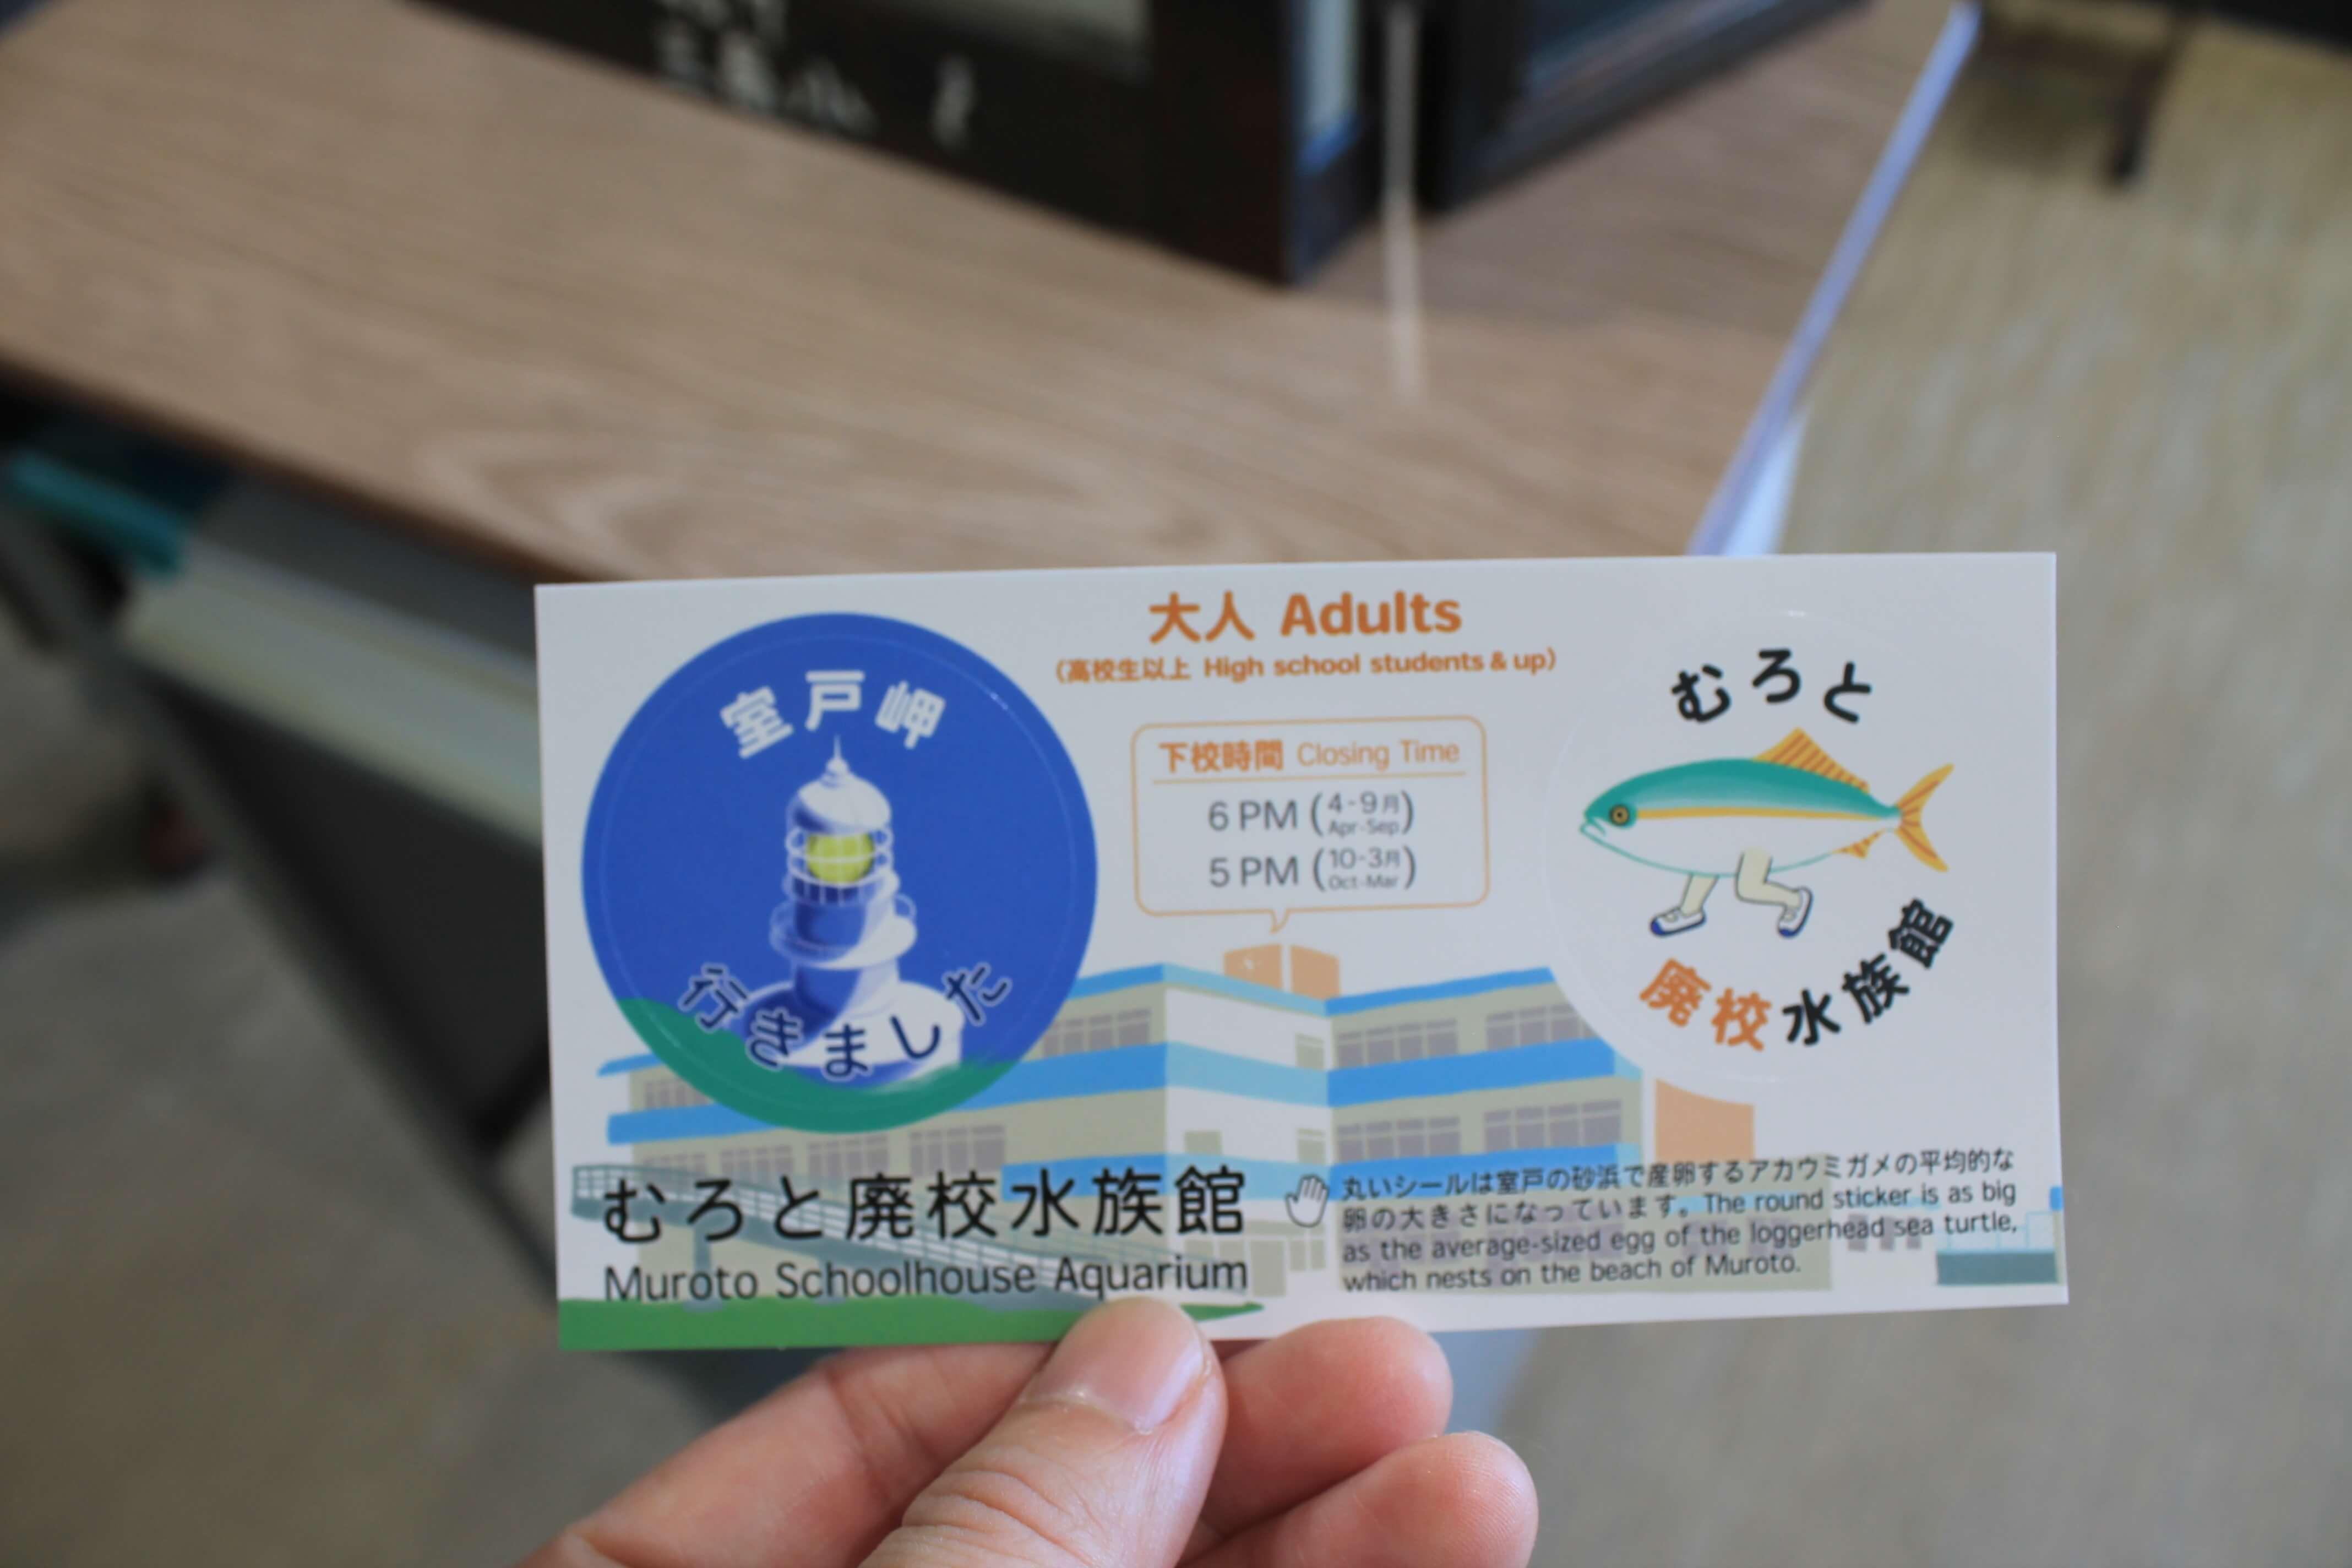 むろと廃校水族館のチケット